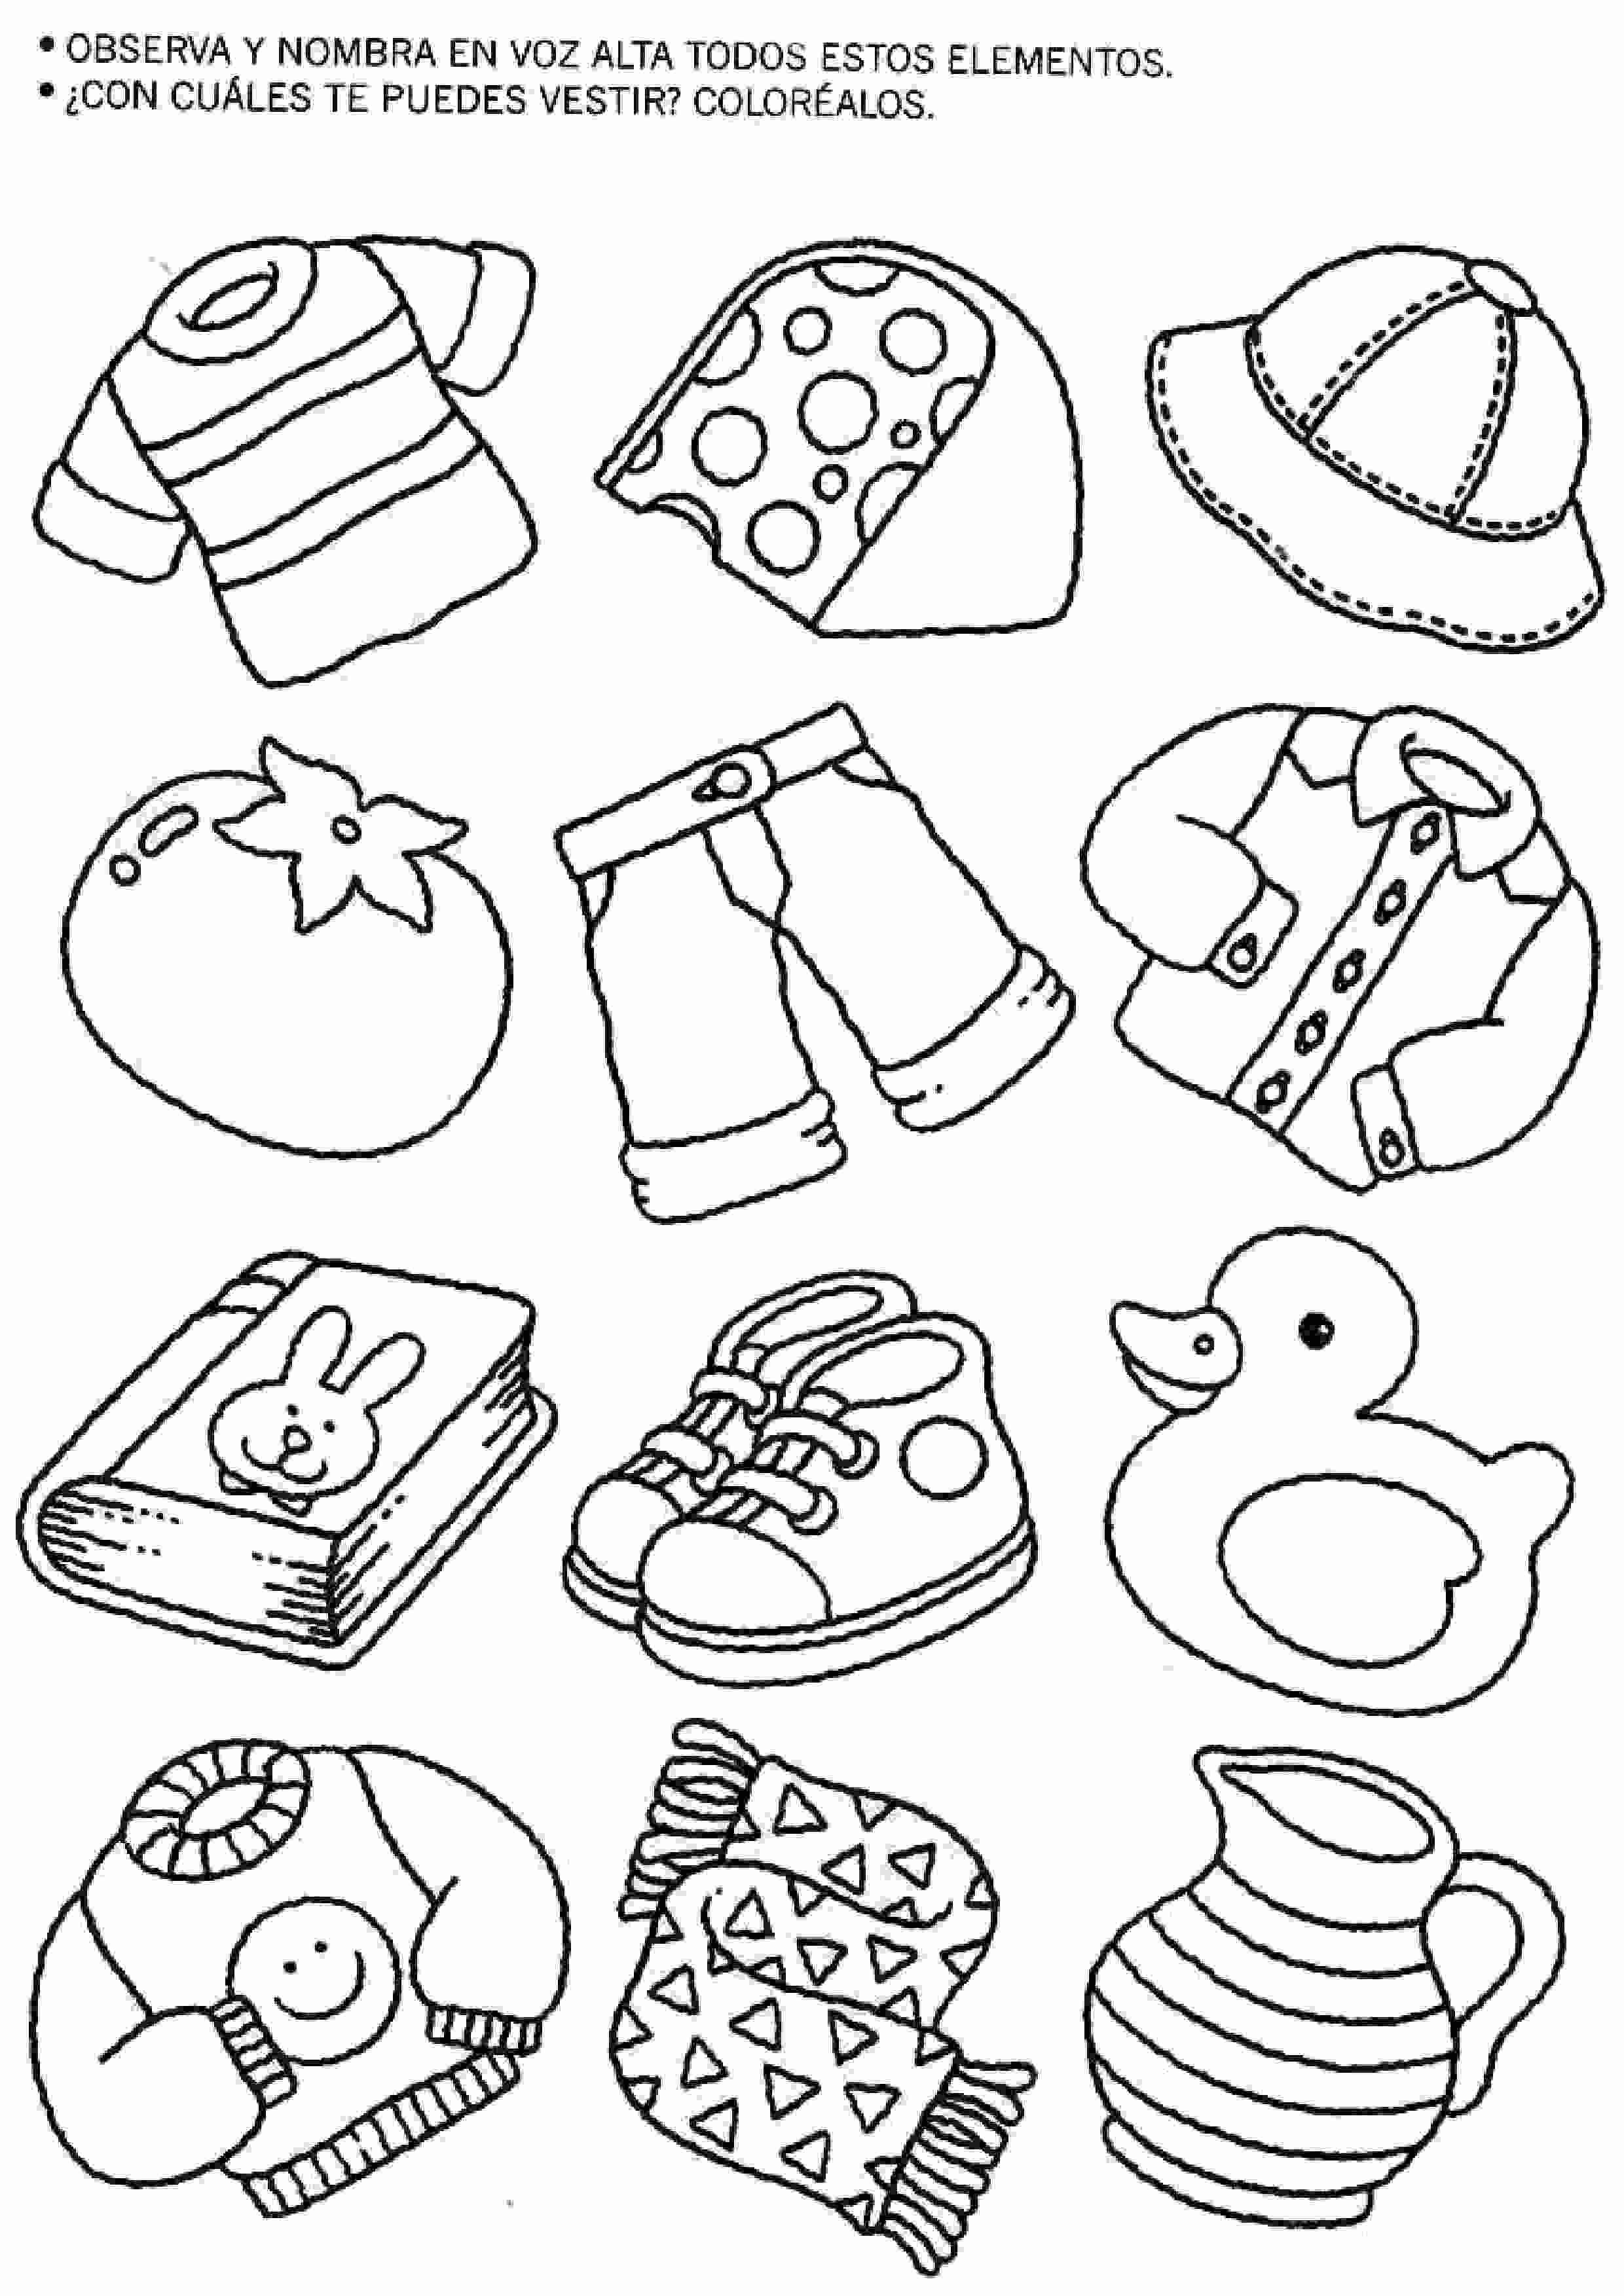 Actividades Para Niños Preescolar Primaria E Inicial Fichas Para Niños P Actividades Para Niños Preescolar Actividades Para Niños Clases De Dibujo Para Niños